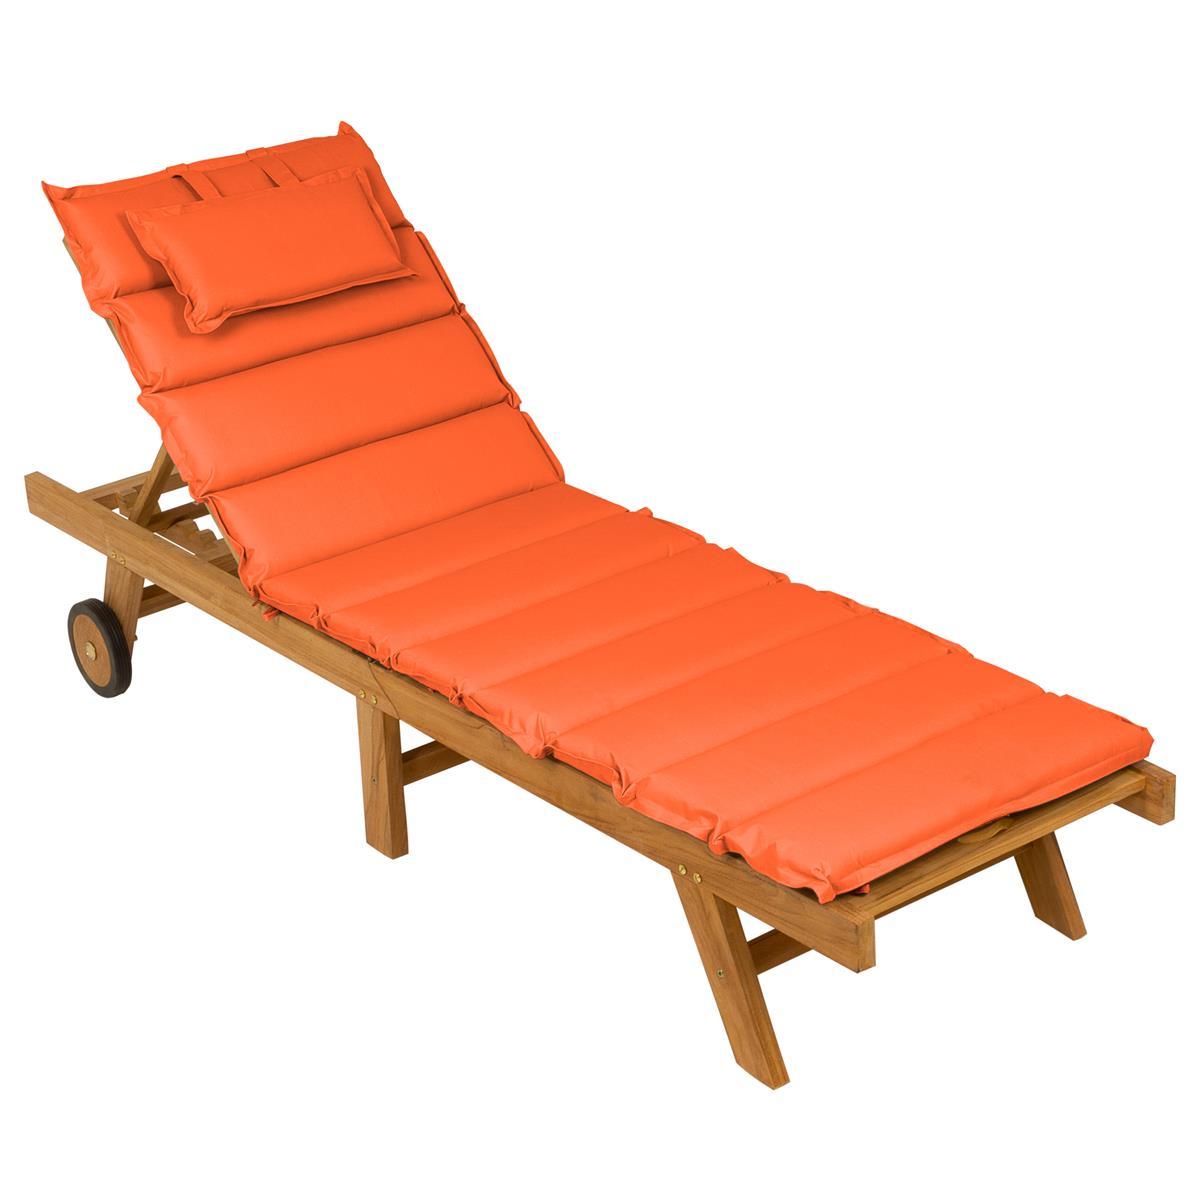 DIVERO Sonnenliege Gartenliege klappbar Teak-Holz behandelt Auflage orange